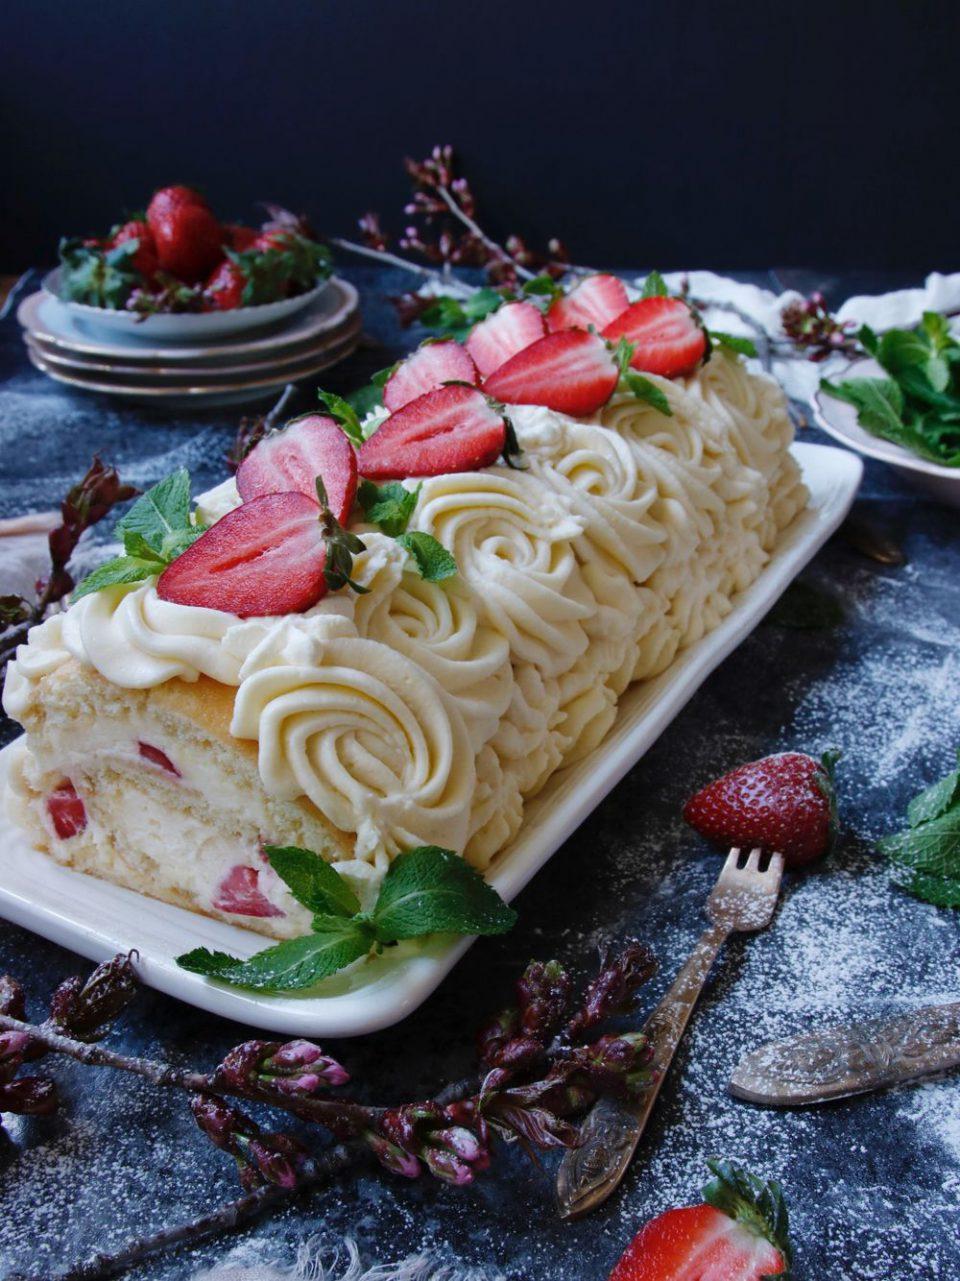 himmelsk jordgubbsrulltårta